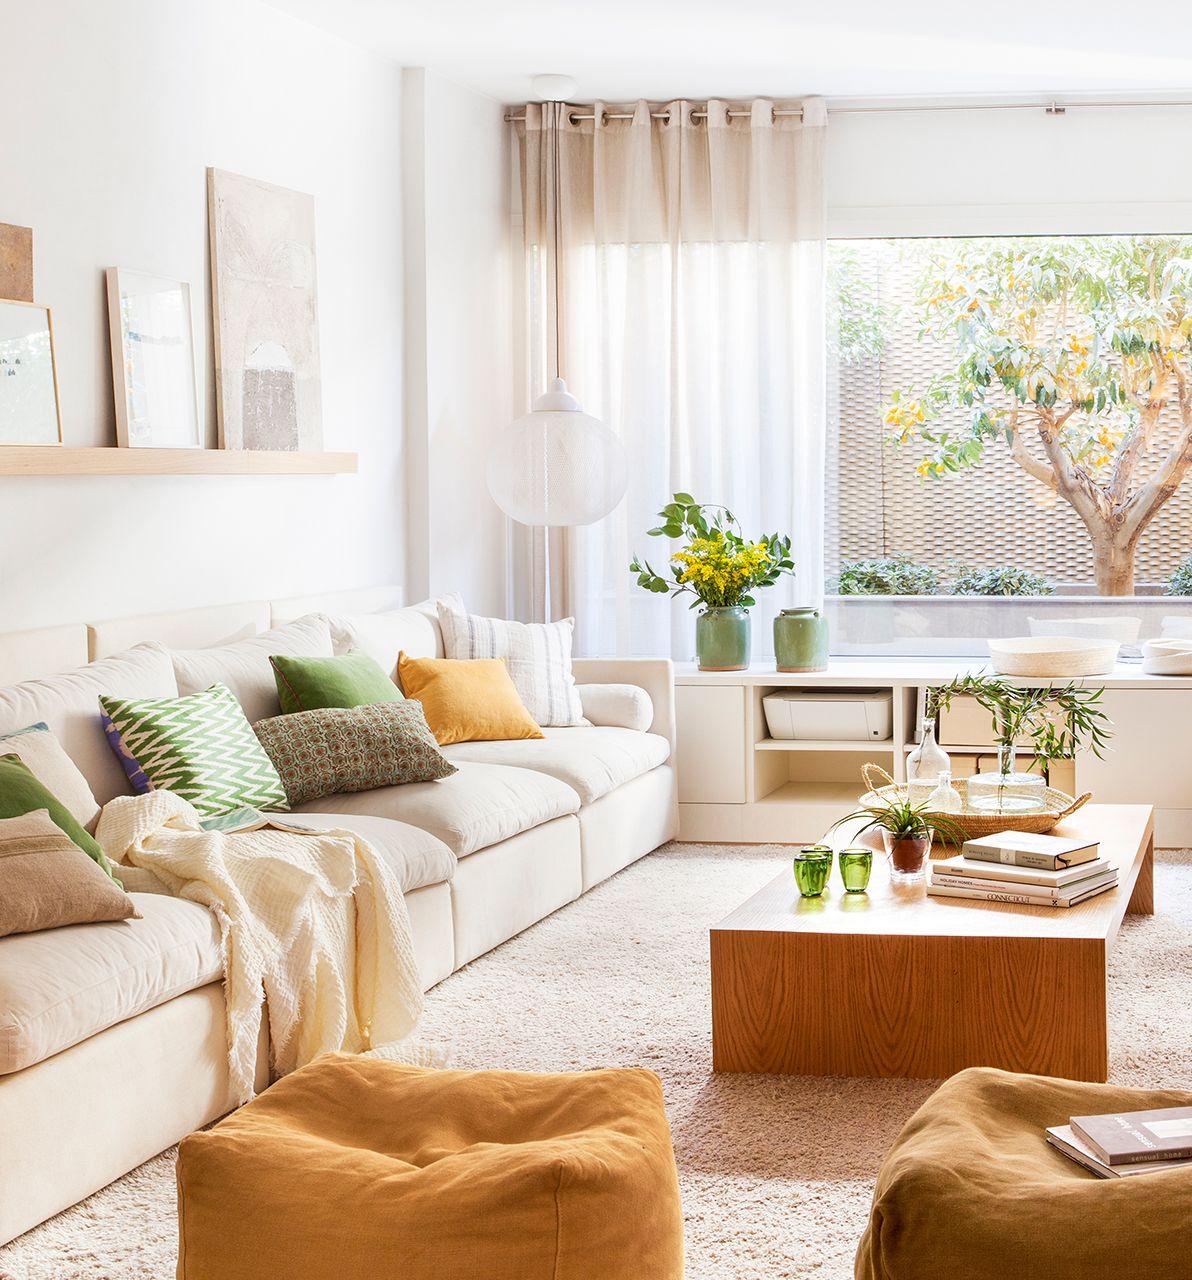 Zona de estar salones decorar salon muebles y salones - Decorar pared sofa ...